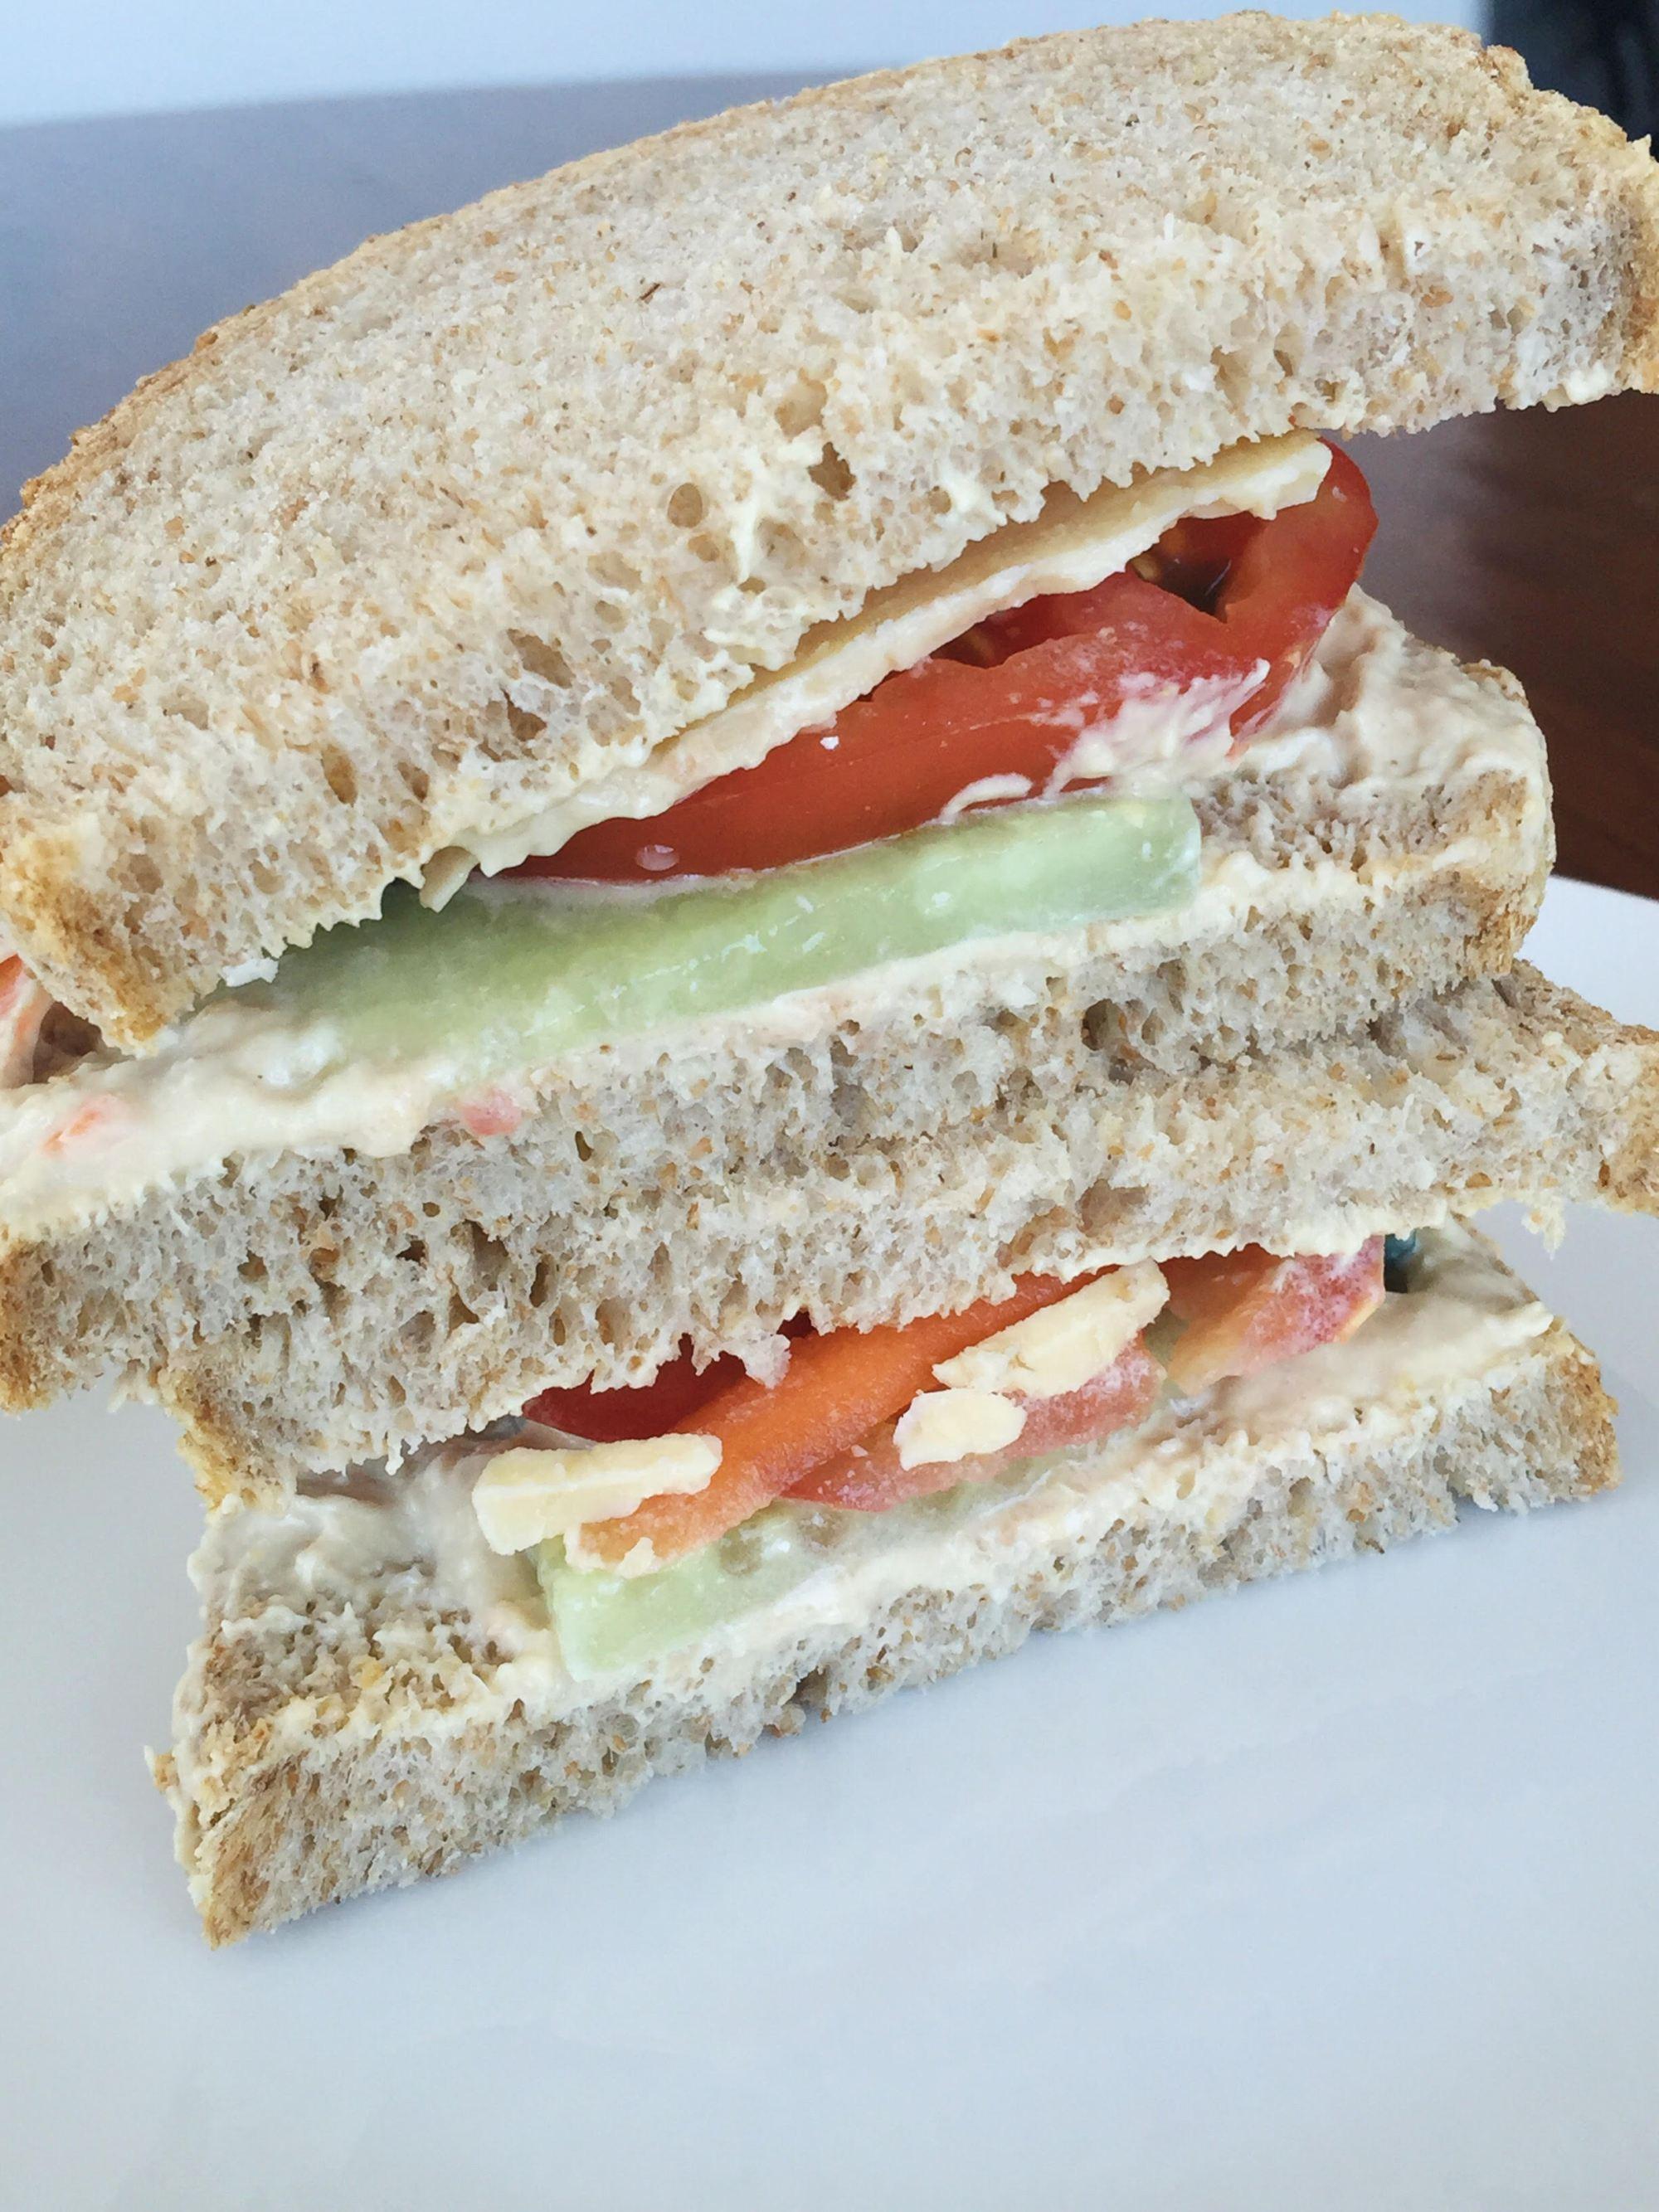 Loaded Hummus & Veggie Sandwich